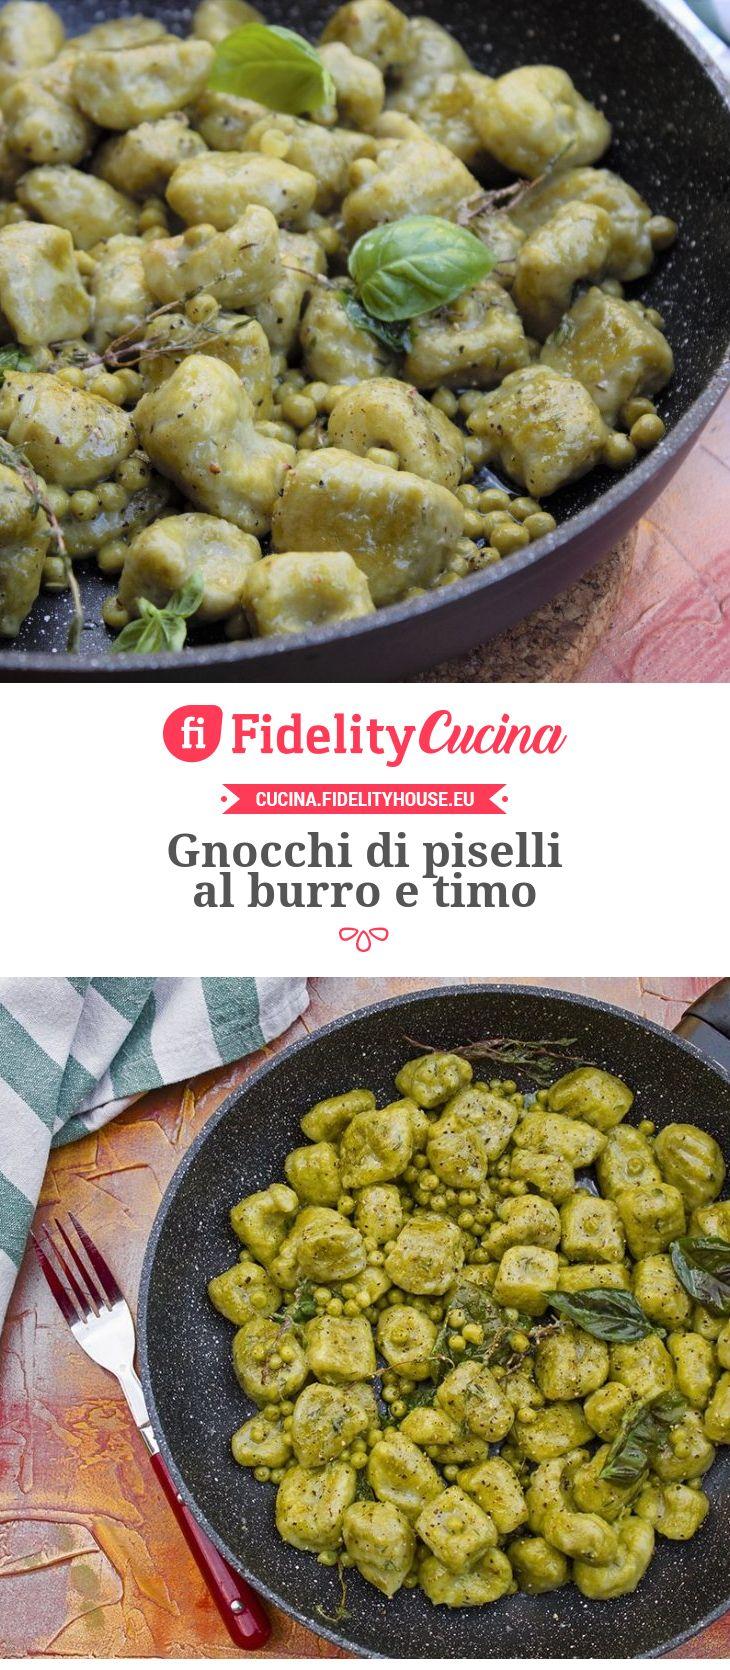 Gnocchi di piselli al burro e timo | Cucina | Pinterest | Gnocchi ...